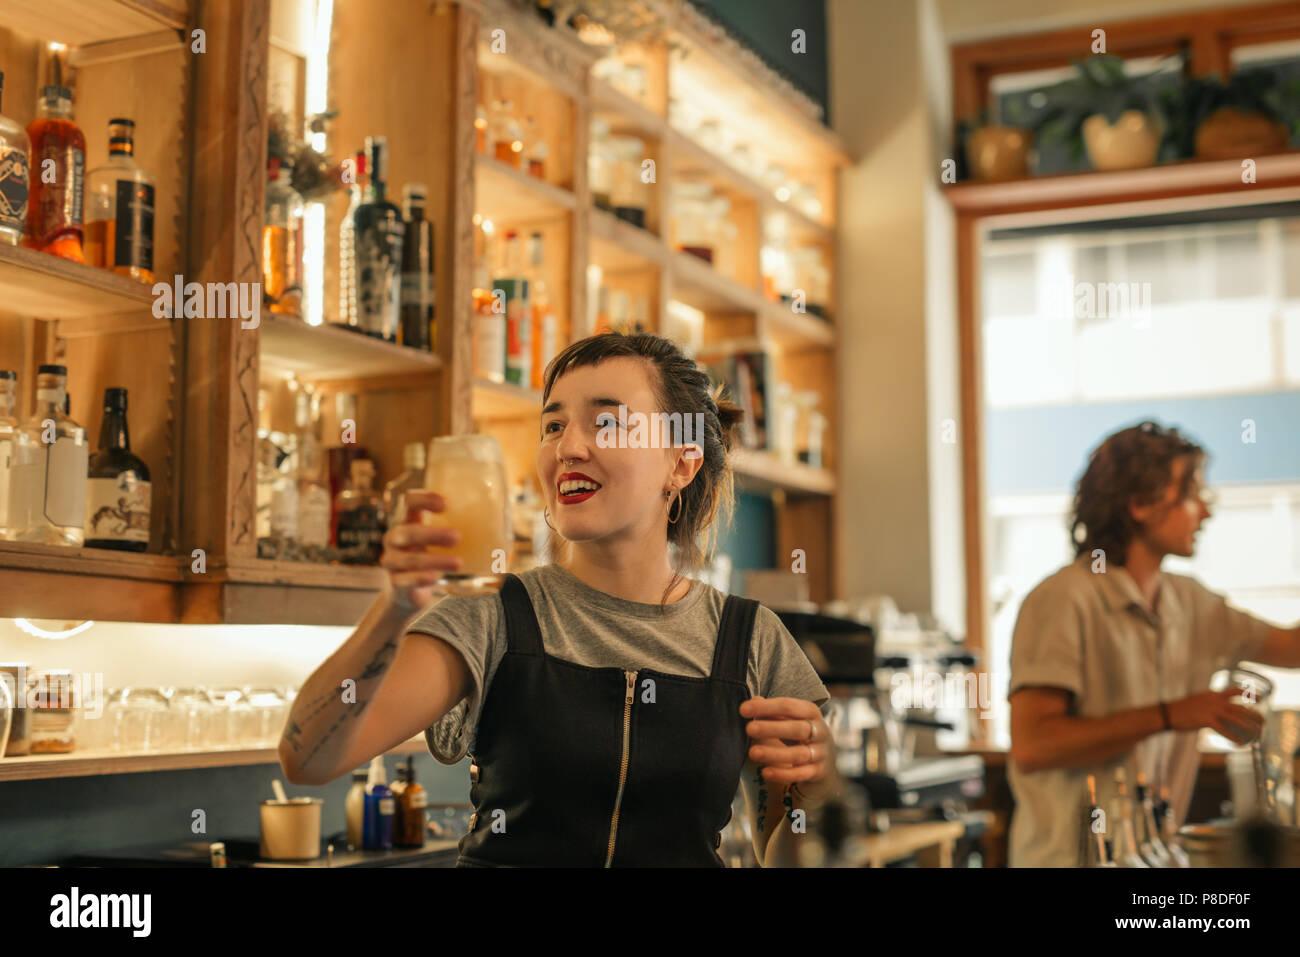 Lächelnden jungen weiblichen Barkeeper Cocktails in einer Bar Stockbild